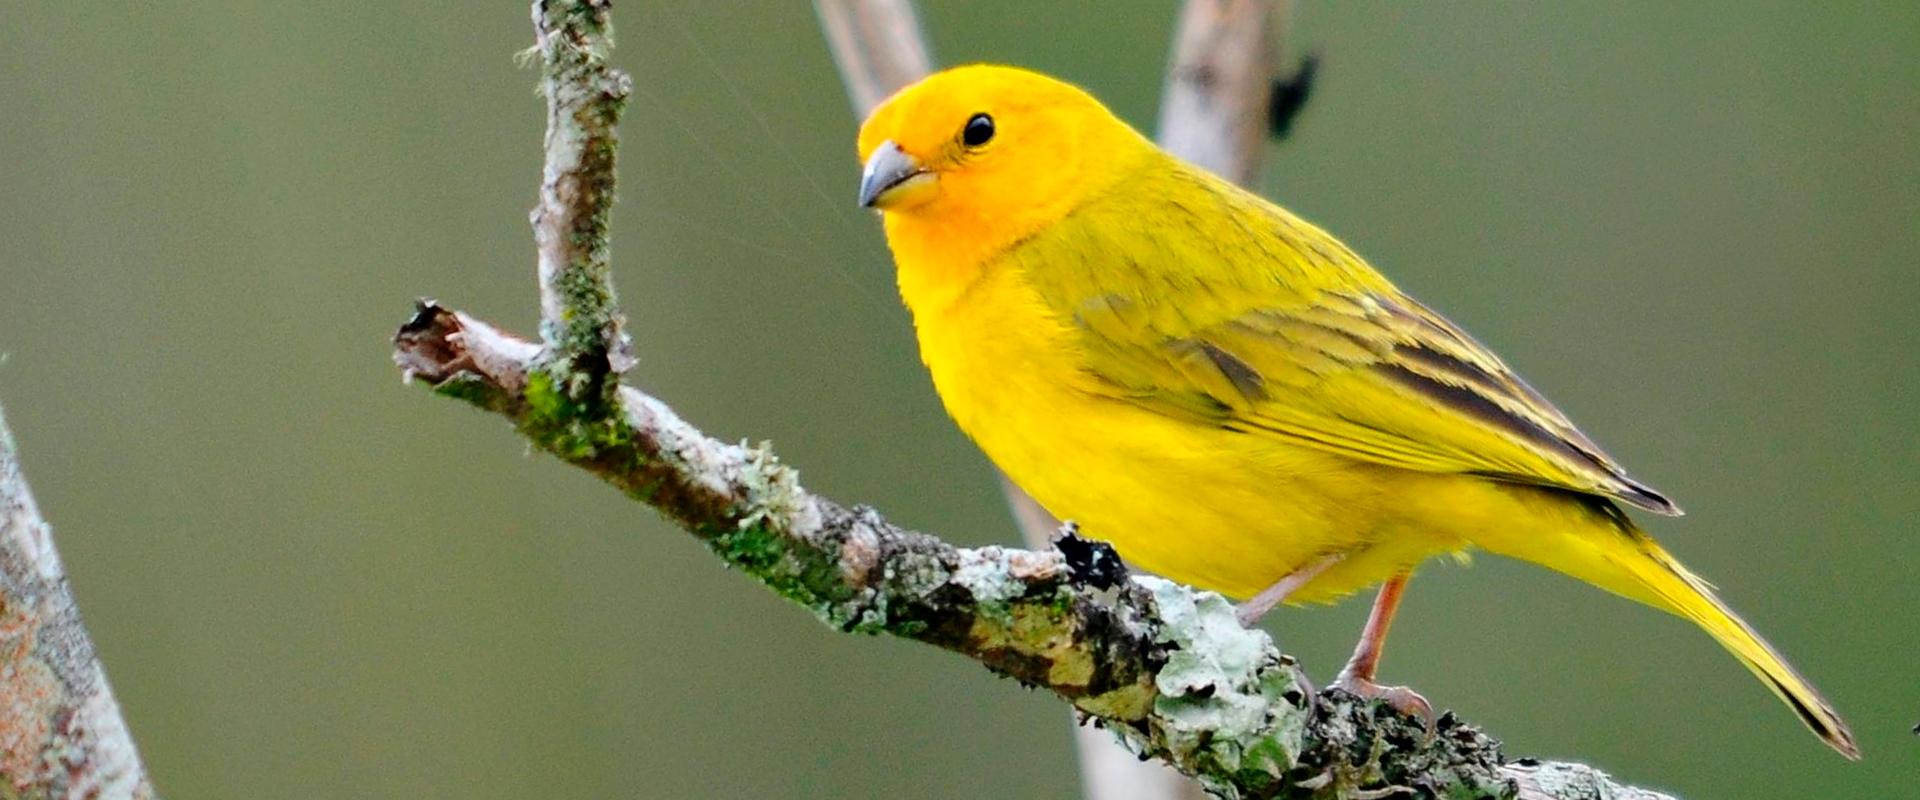 ACPSI - Associação dos Criadores de Pássaros Silvestres de Ituporanga.